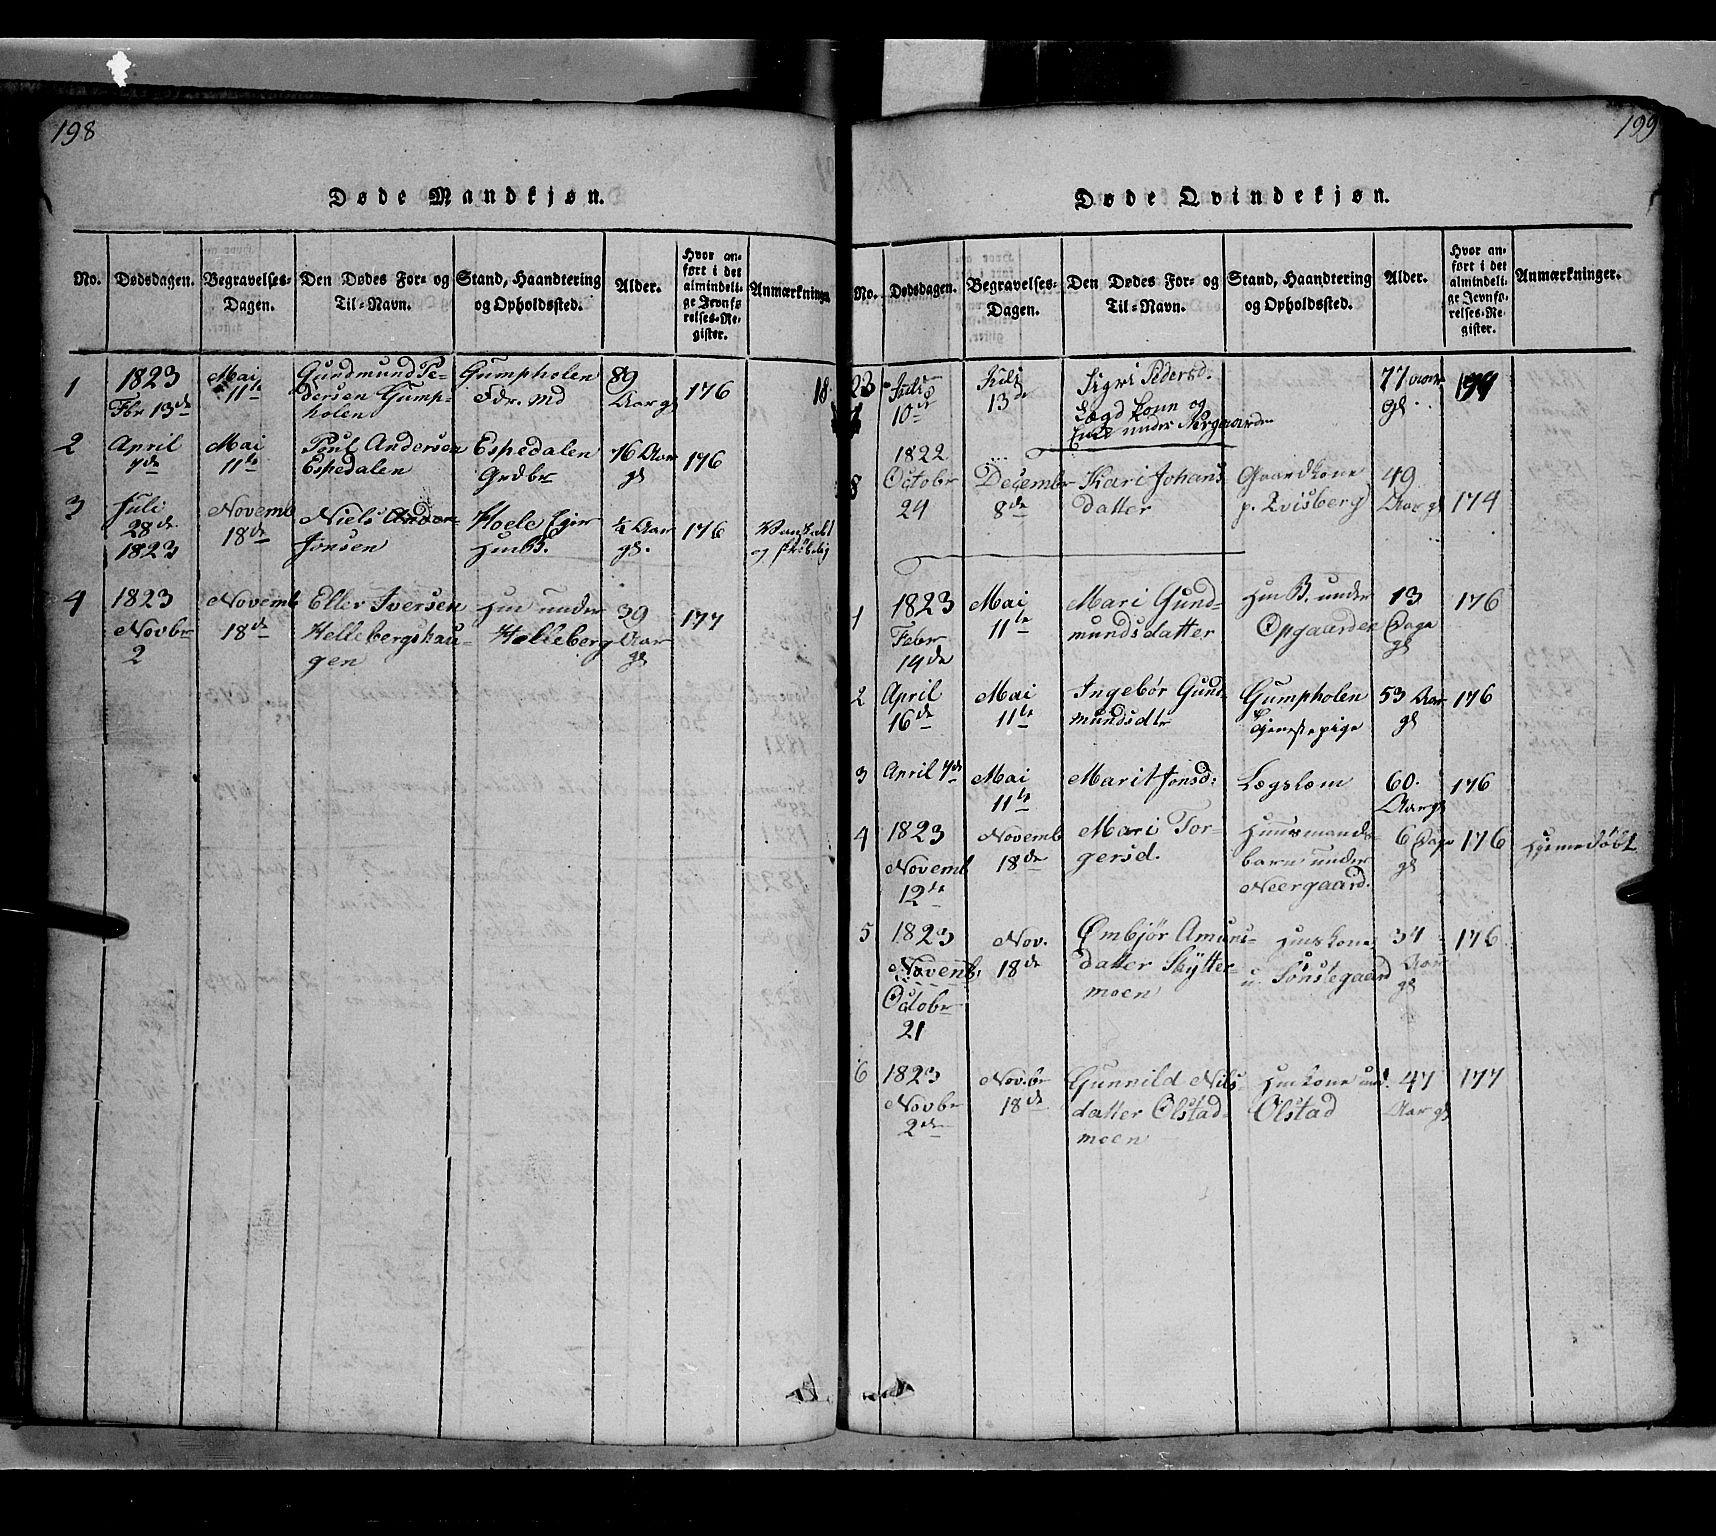 SAH, Gausdal prestekontor, Klokkerbok nr. 2, 1818-1874, s. 198-199